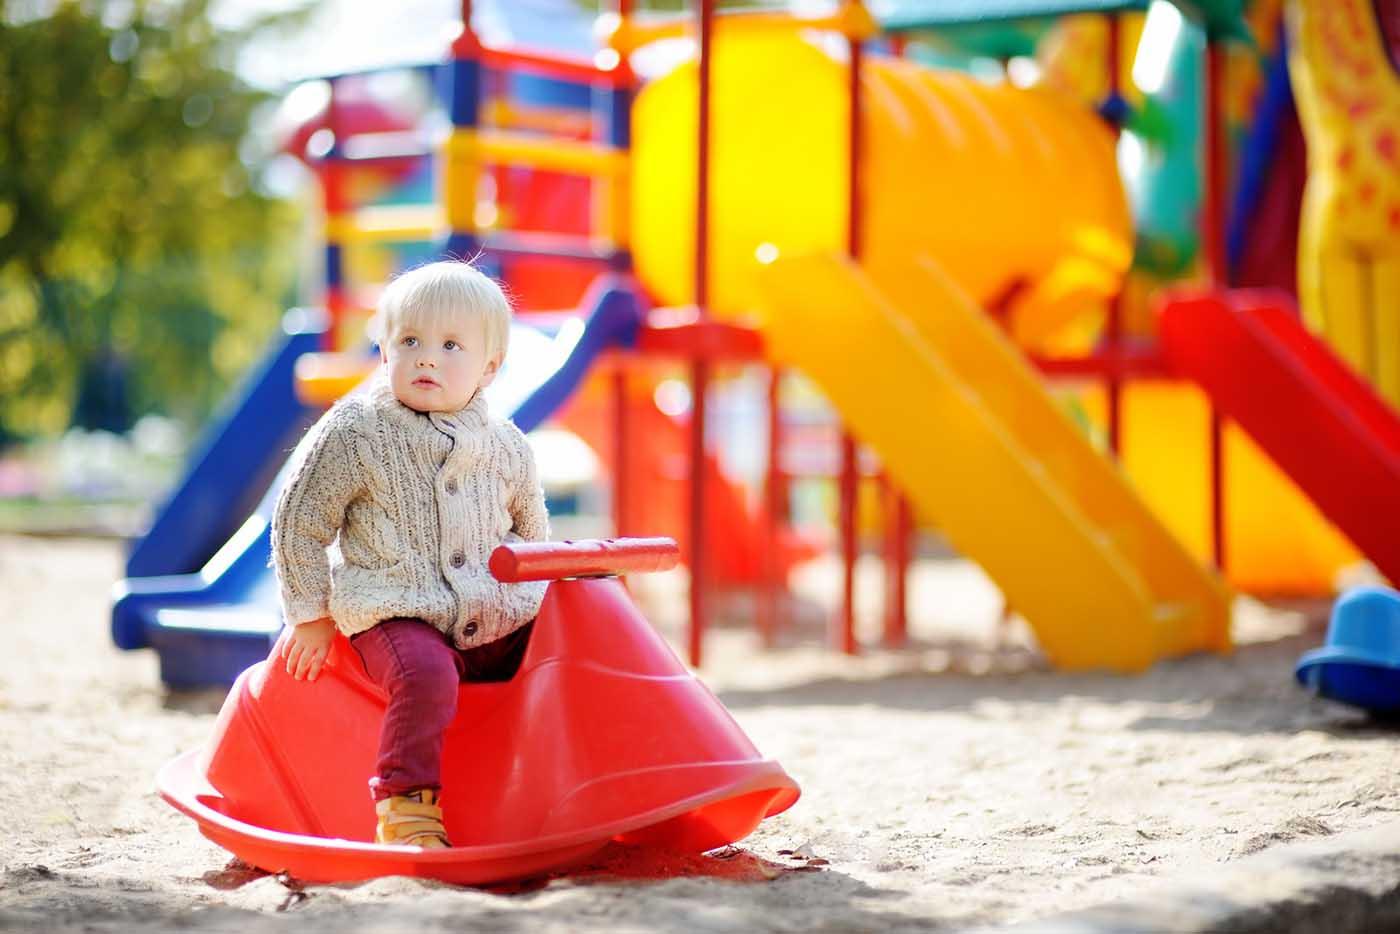 فواید بازی کردن کودکان در هوای آزاد (بخش دوم)